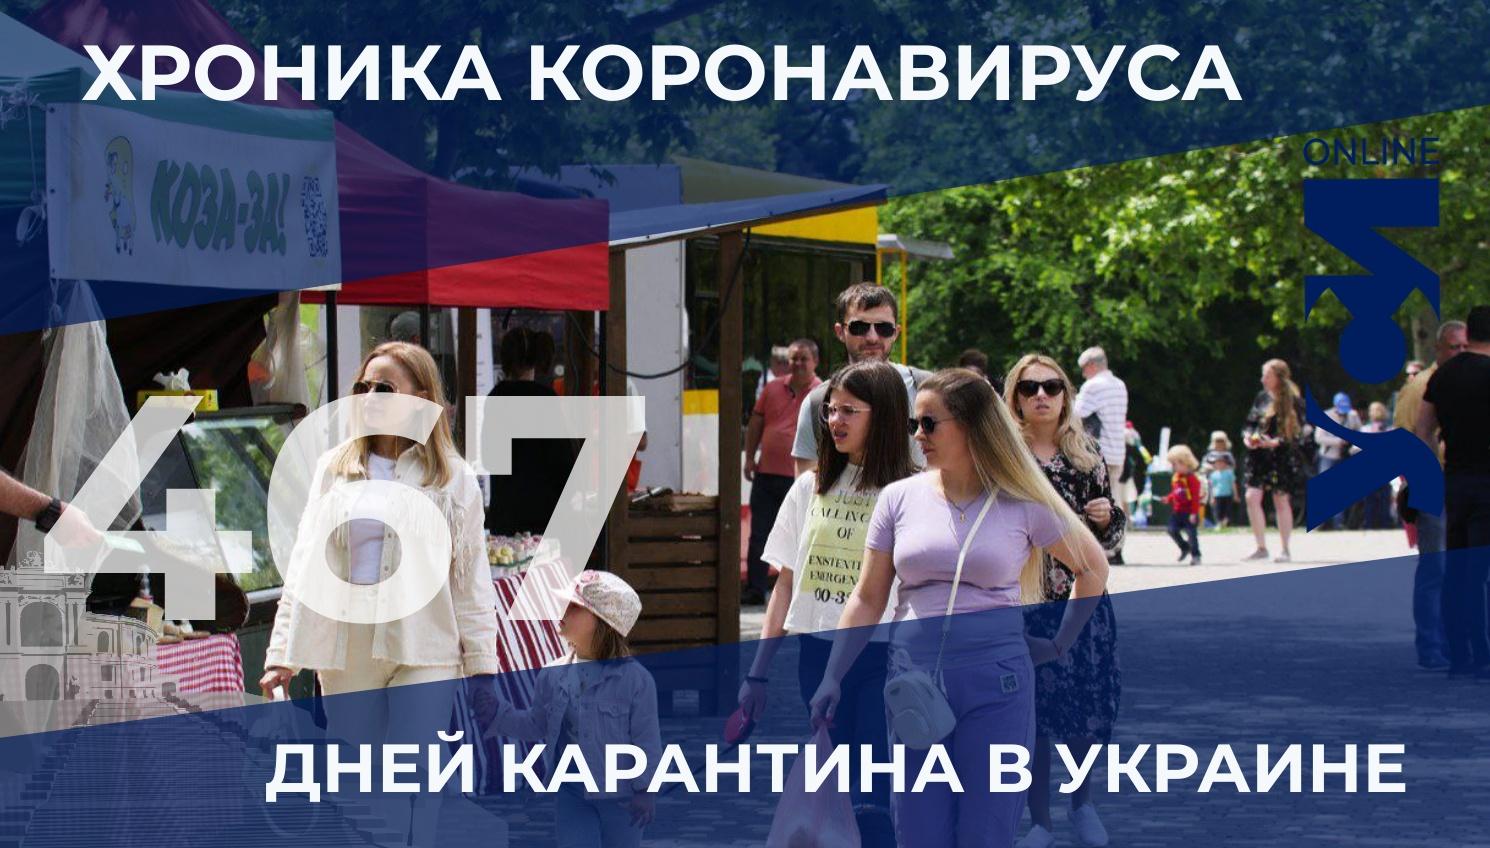 Хроника коронавируса: в Одесской области — 12 новых заболевших и нет умерших «фото»